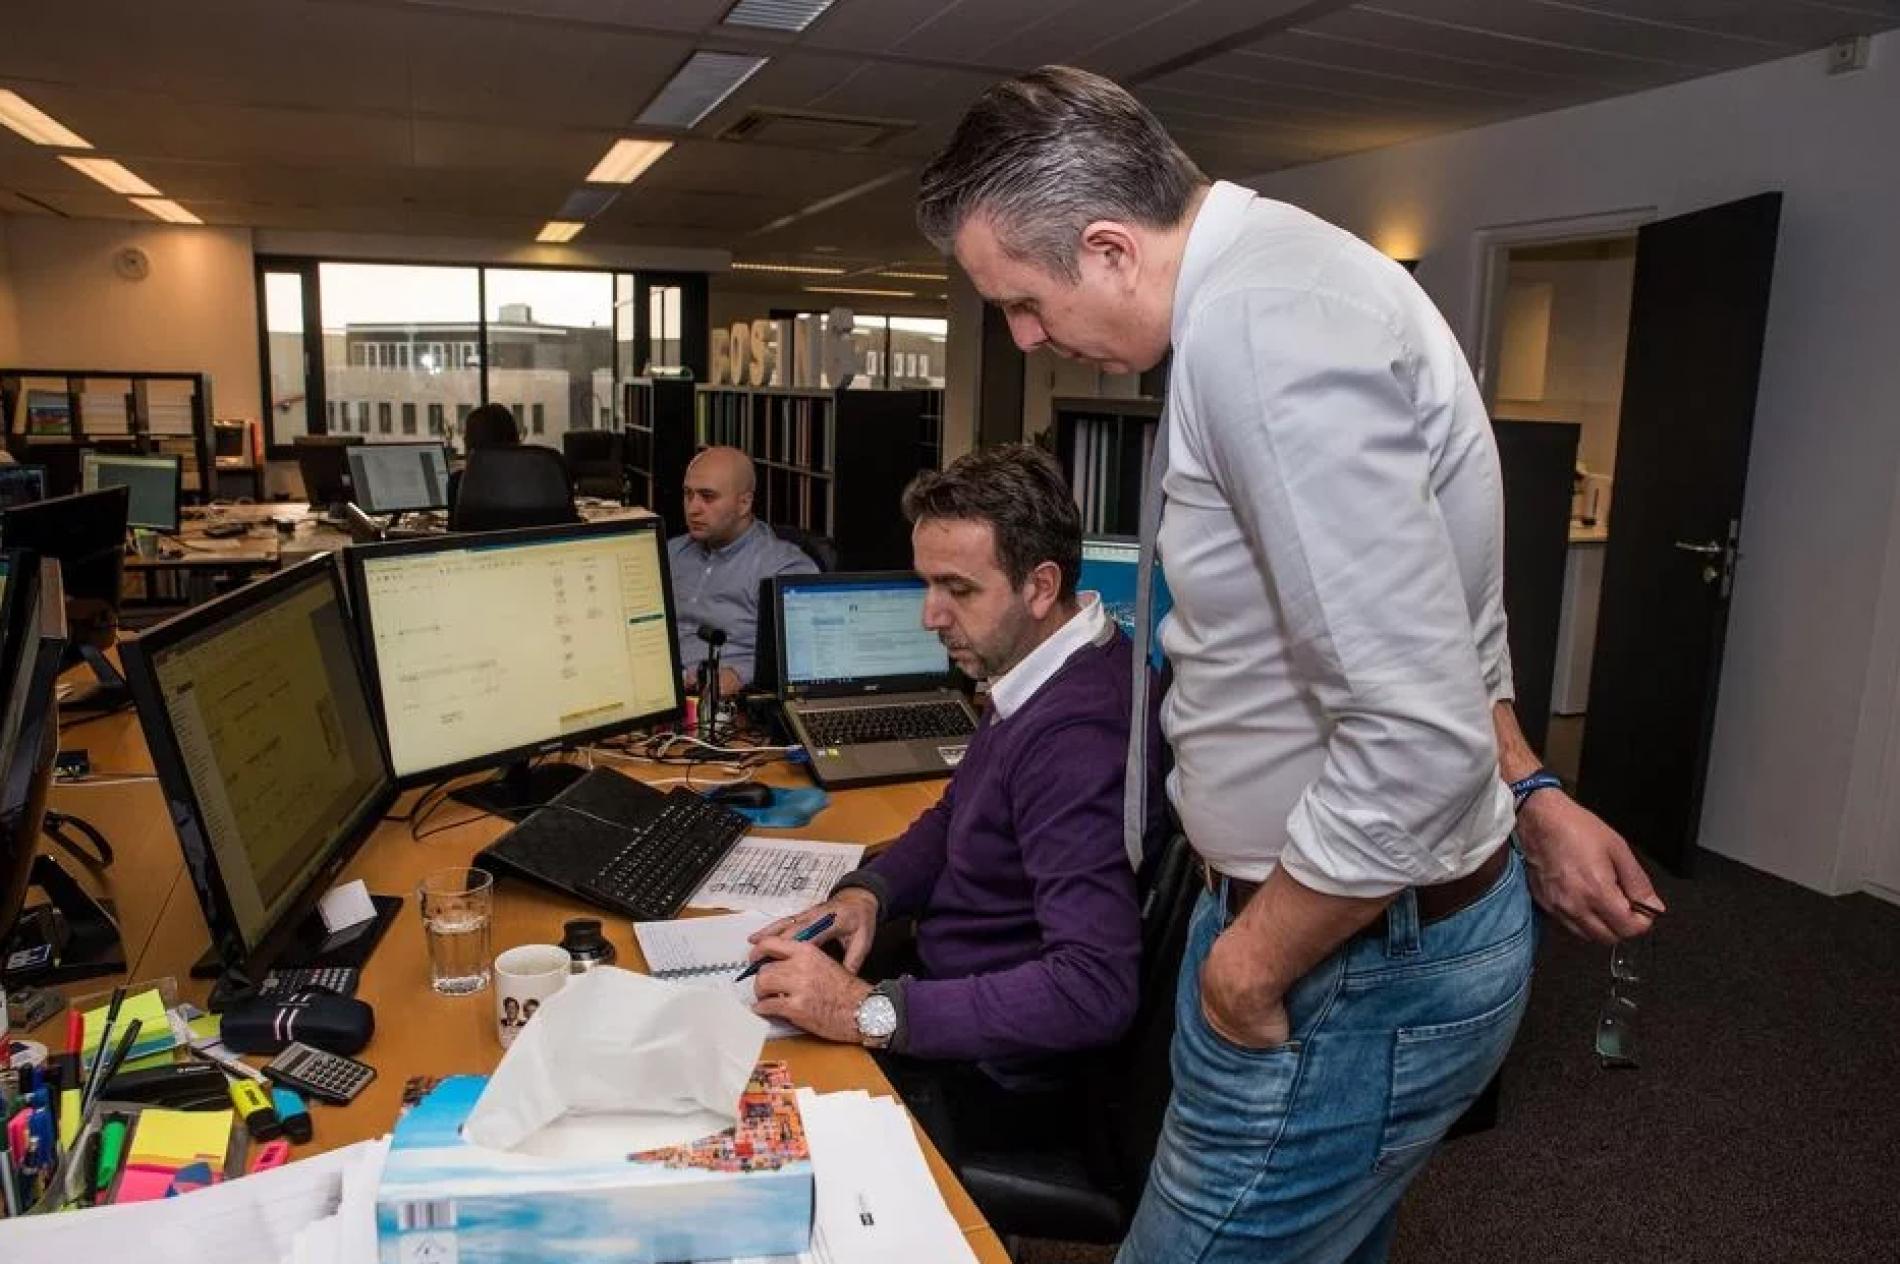 Amir Jatić iz Kozluka – nakon otvaranja kompanije u Holandiji pokrenuo biznis i u Bosni